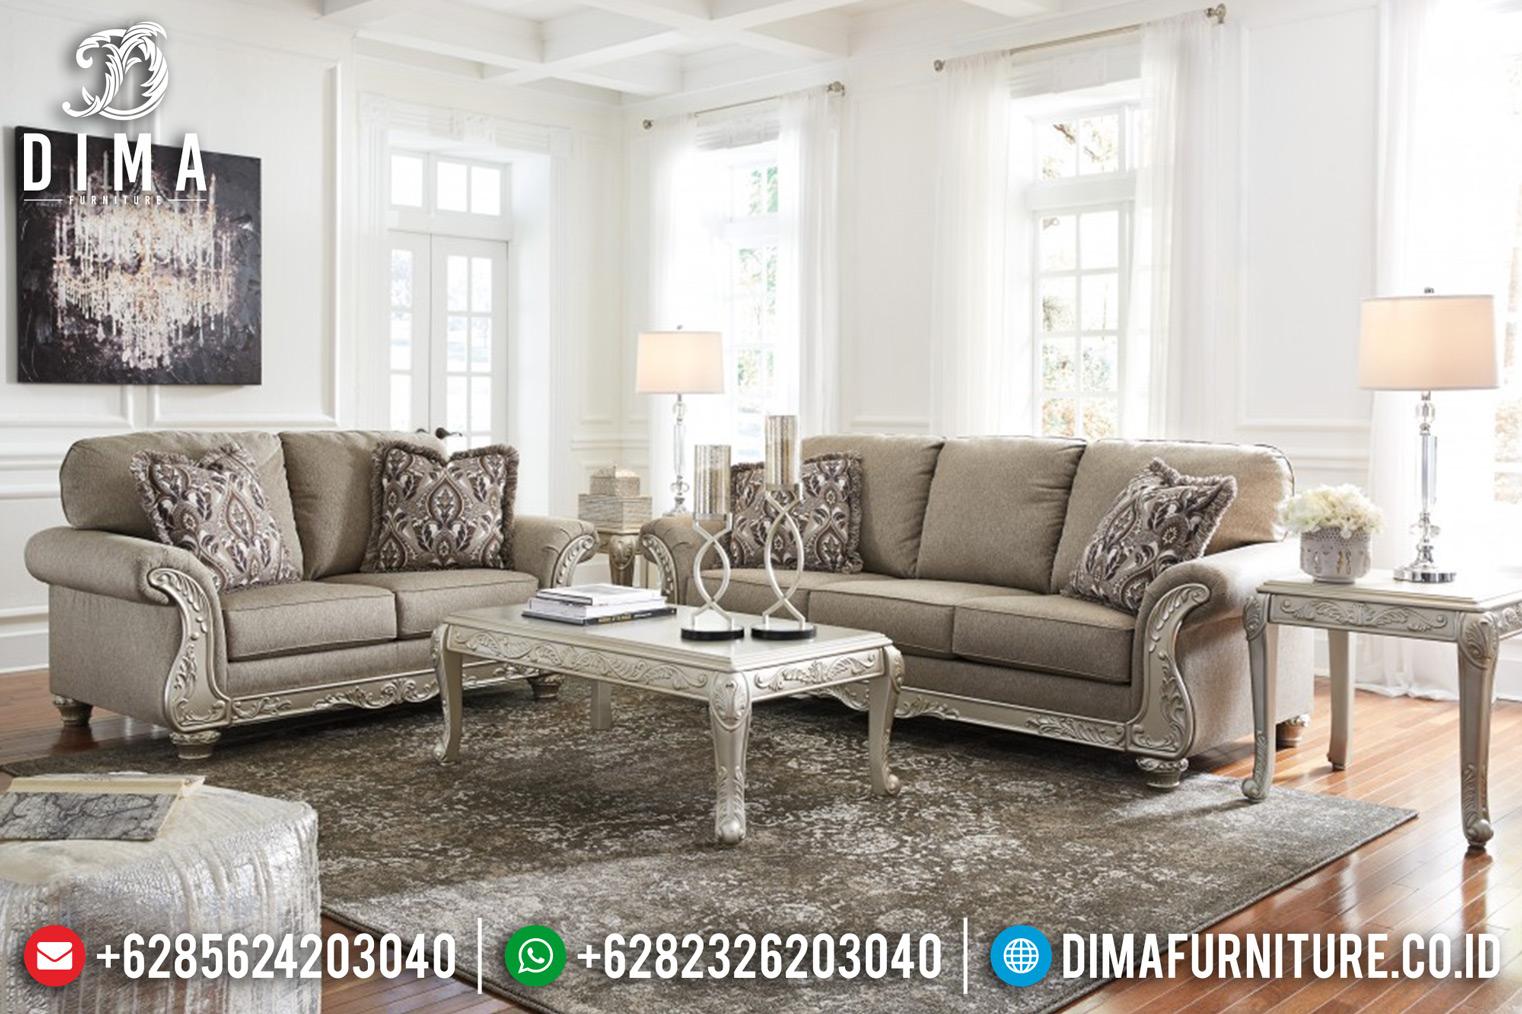 Jual Sofa Tamu Mewah Jepara, Kursi Tamu Murah, Sofa Ruang Tamu Klasik DF-0831